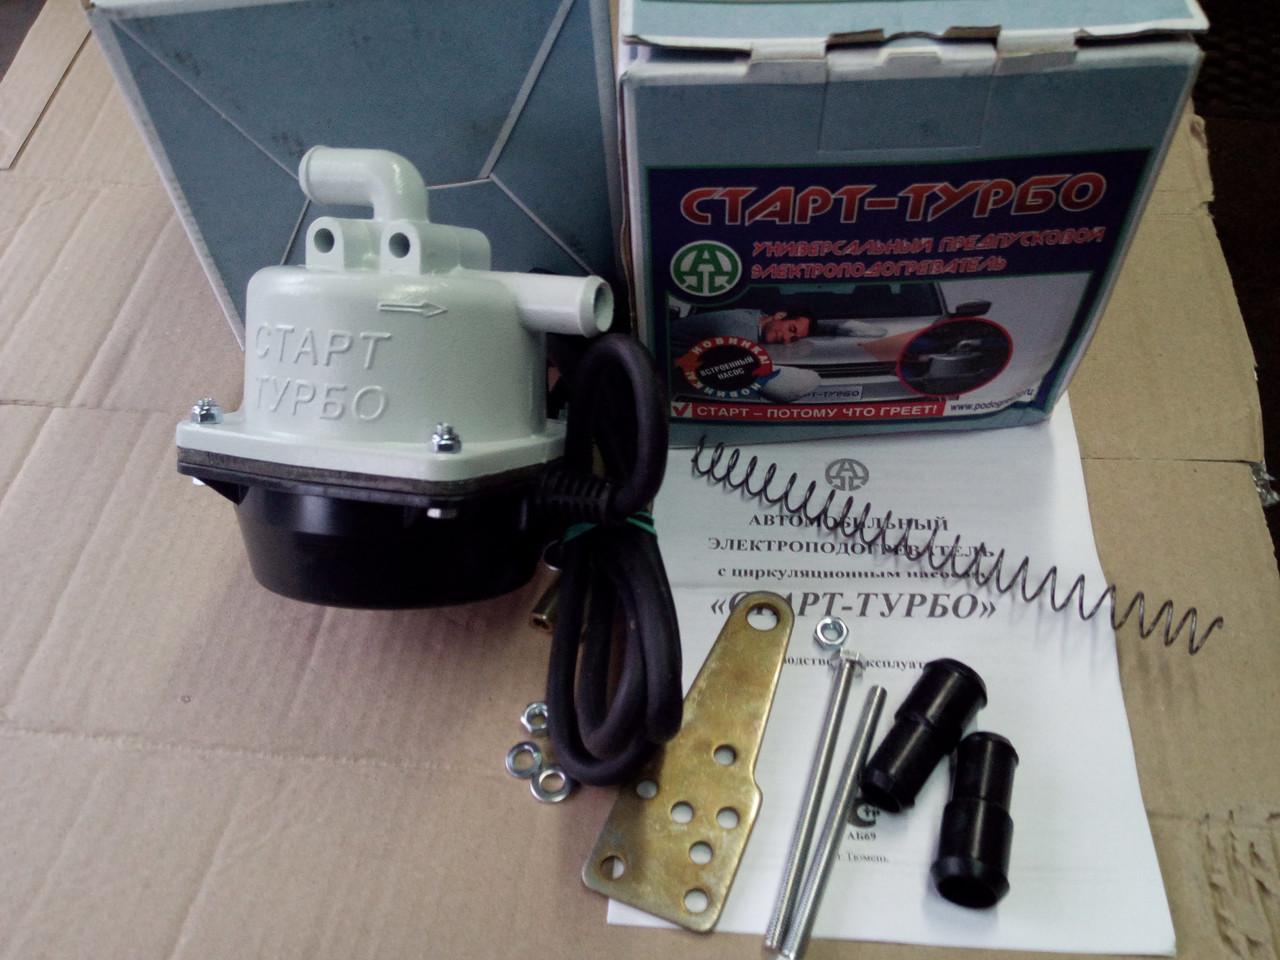 Предпусковой подогреватель двигателя с насосом СТАРТ-Турбо 2,0 кВт с монтажным комплектом №4